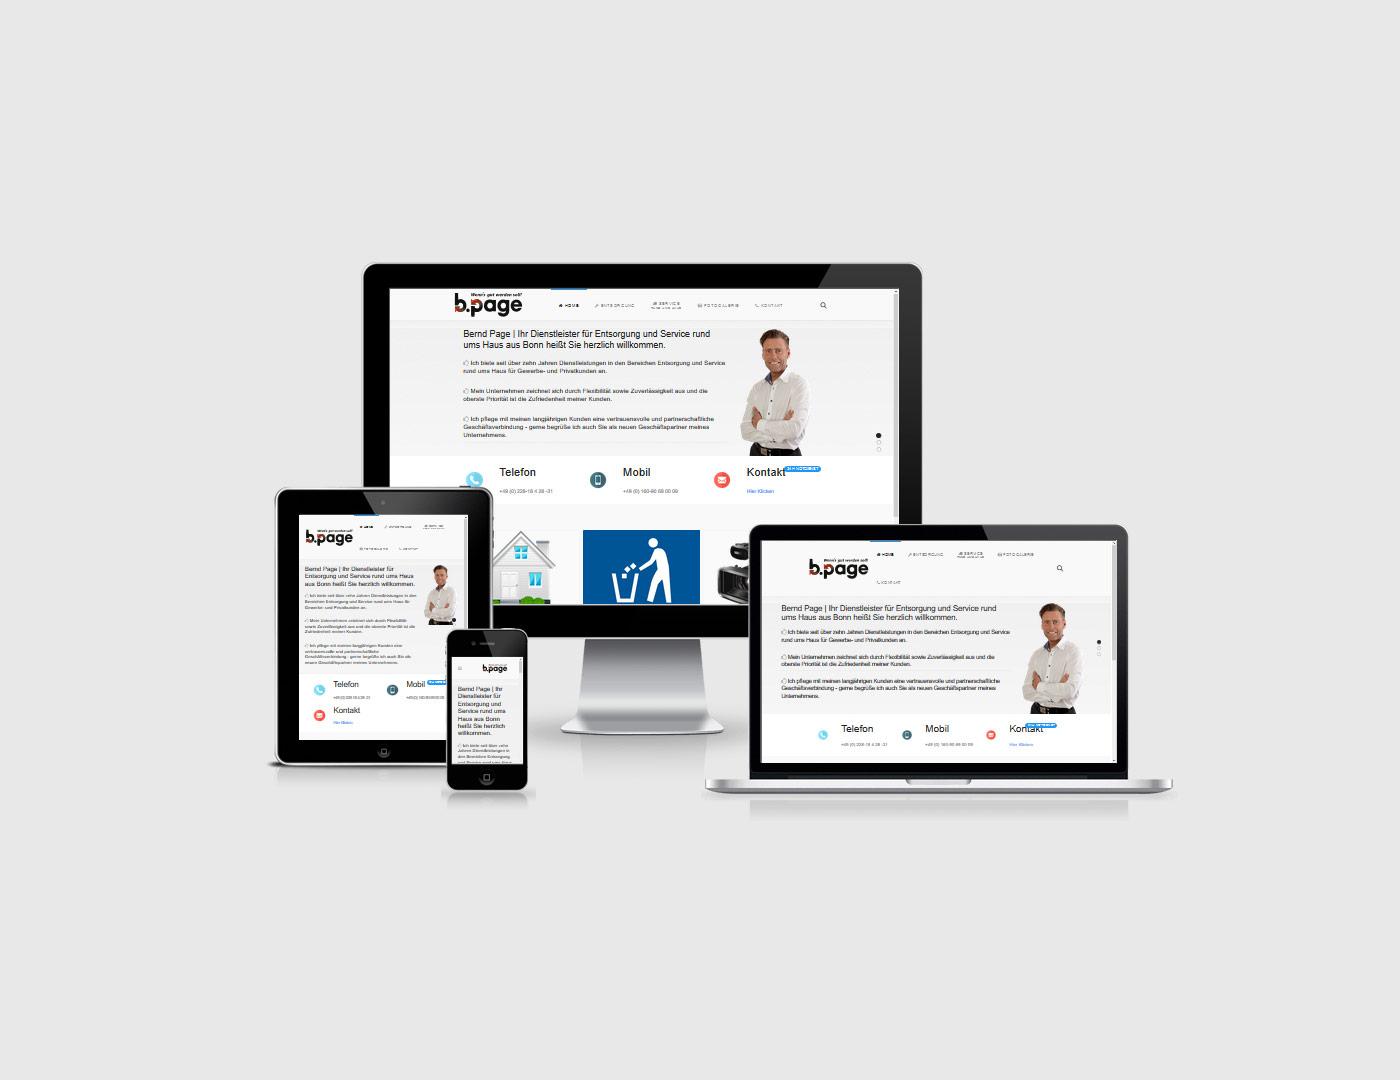 Webdesign Eifel erstellt eine Webseite für Page aus der Eifel